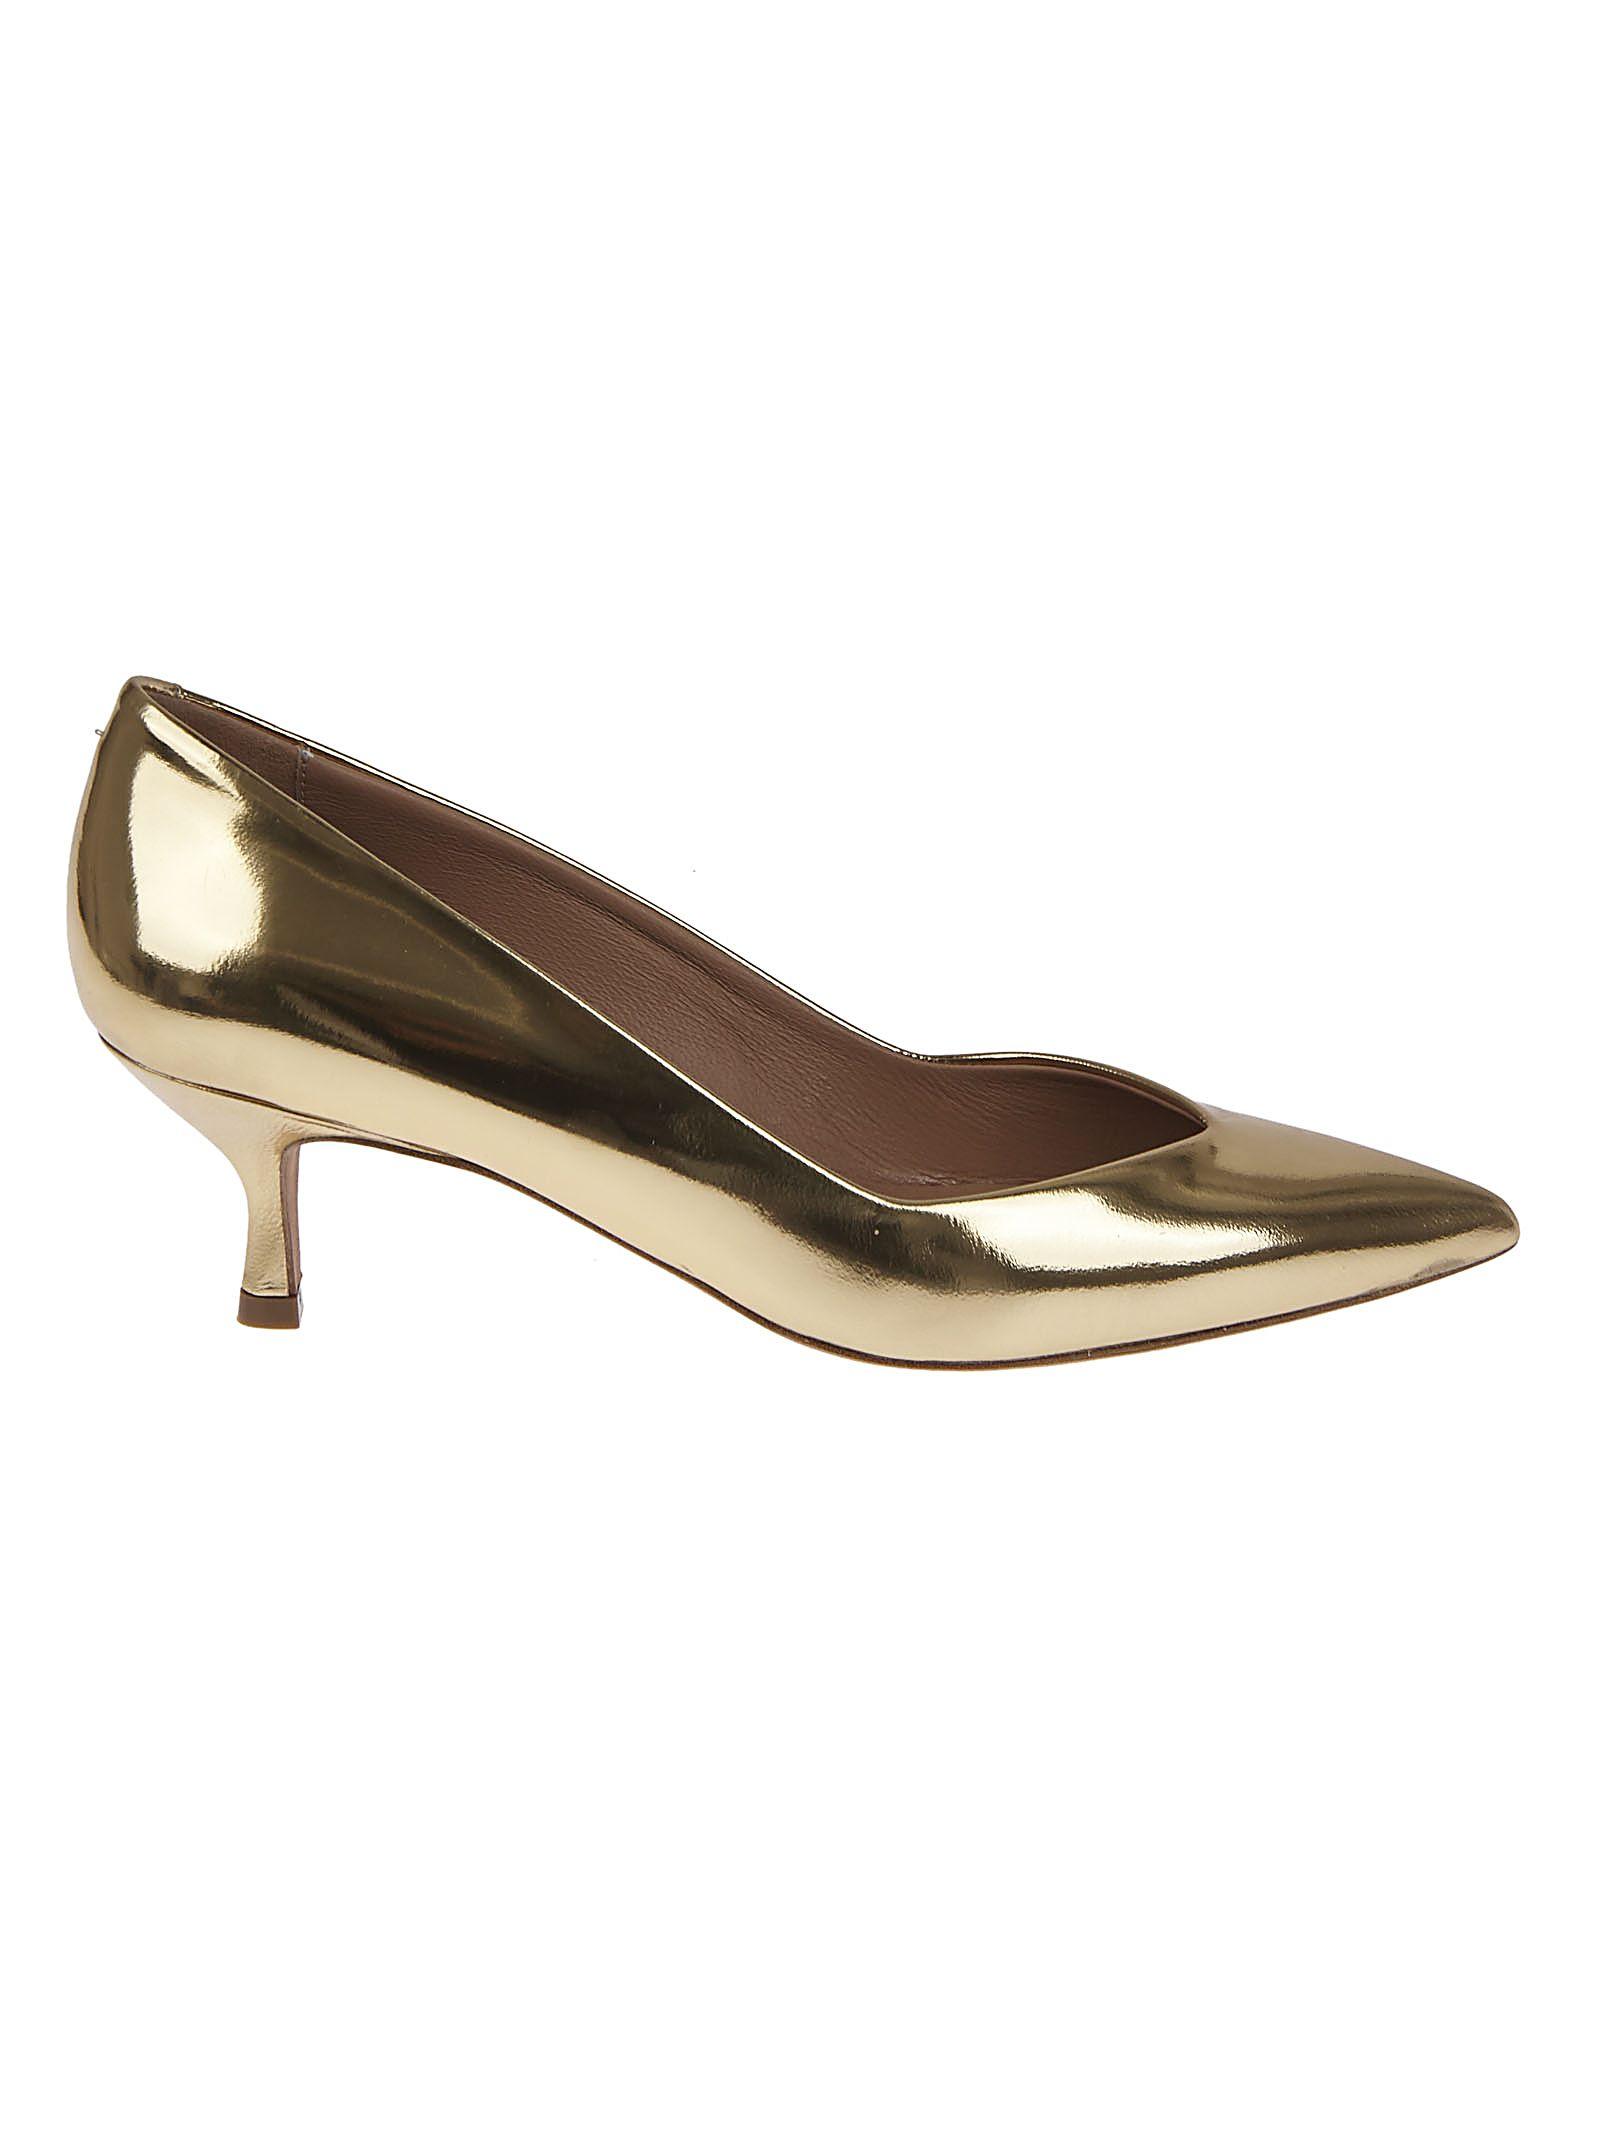 7d7213f676a2f Golden Goose Golden Goose Valerie Shoes - Gold - 10859031